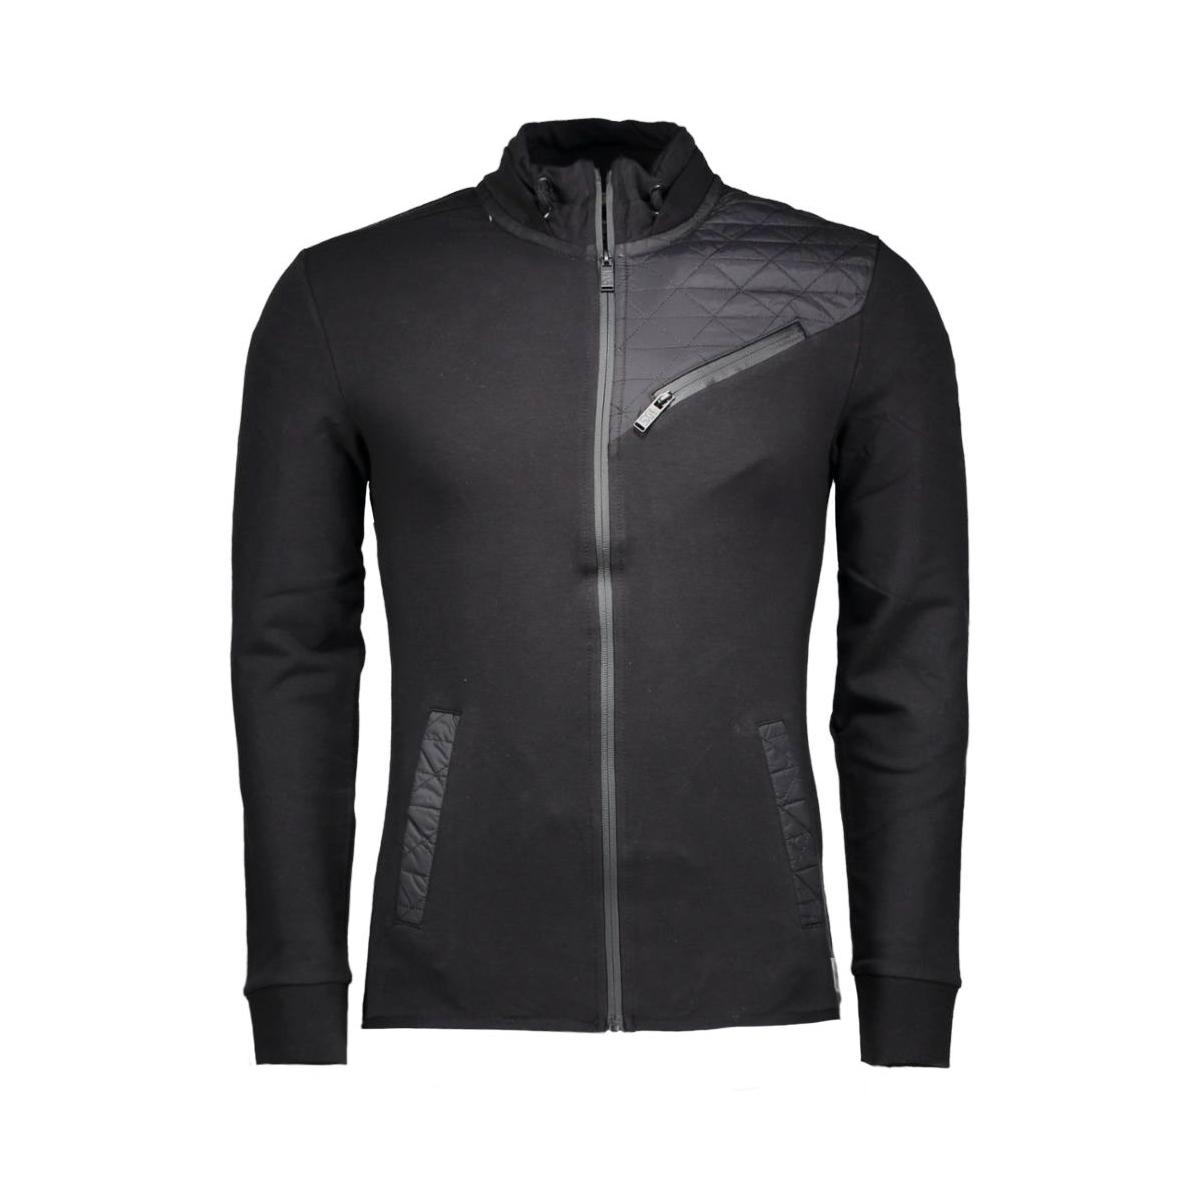 78100814 no-excess vest 020 black